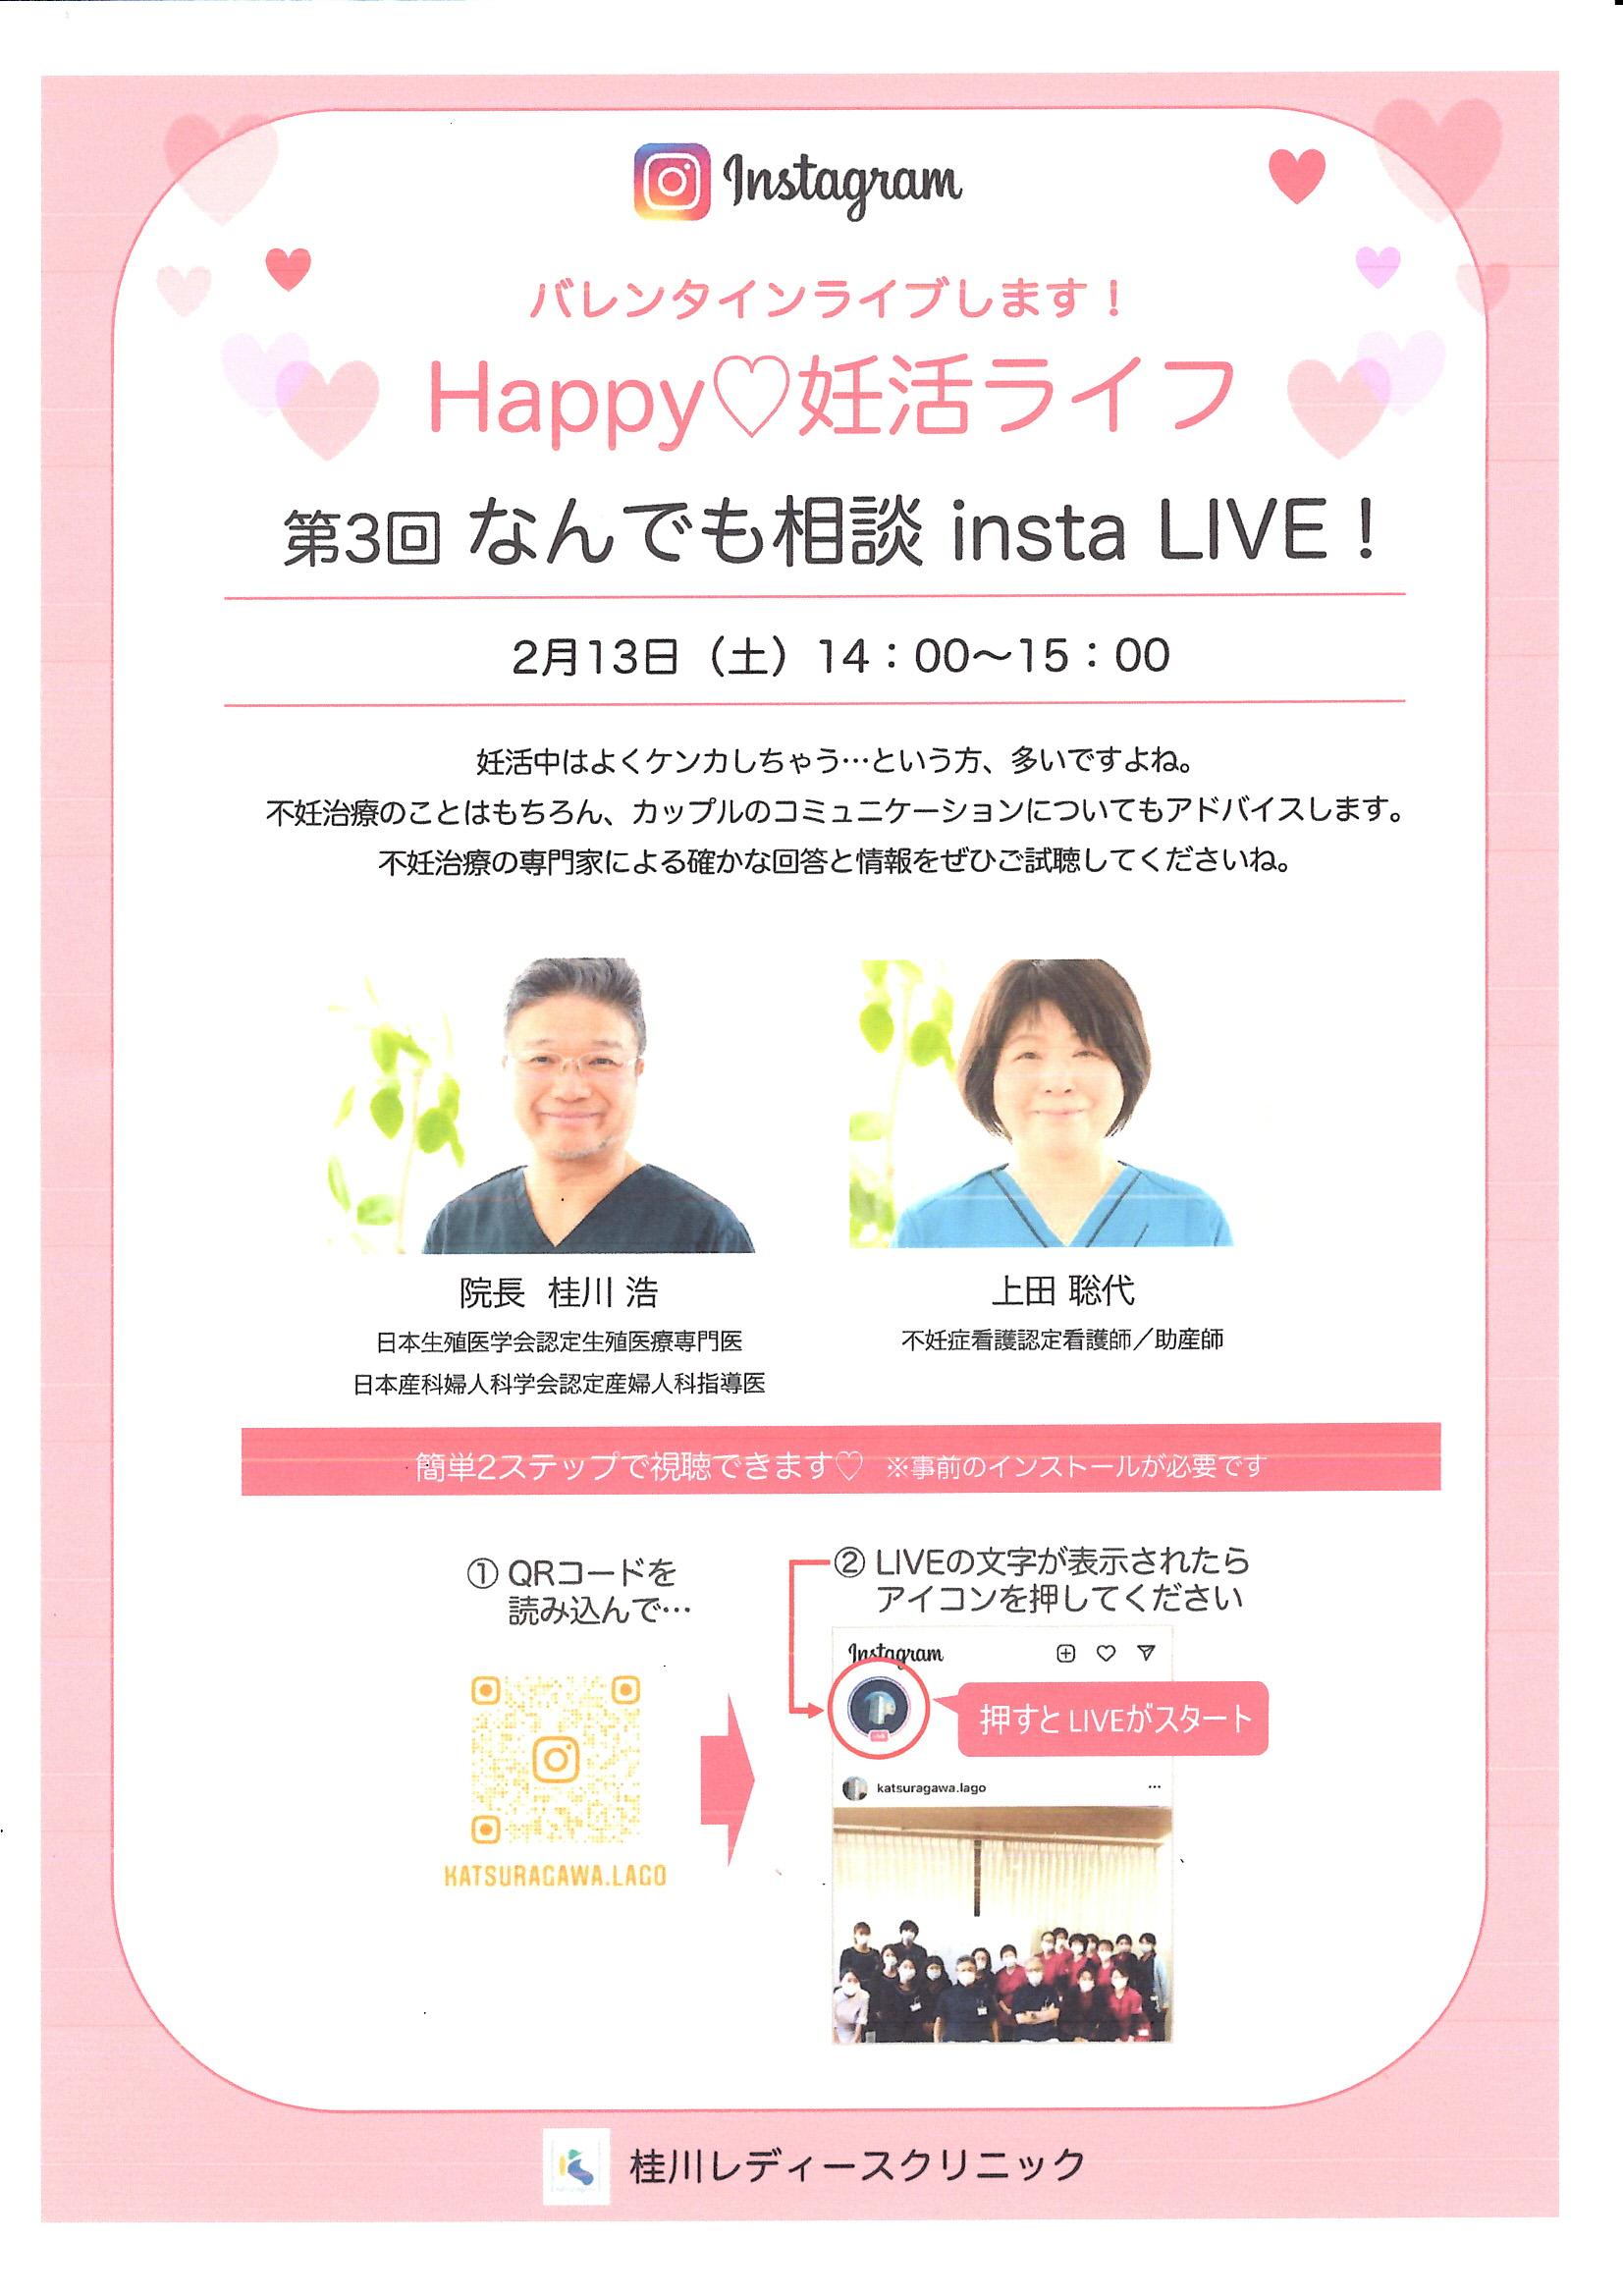 【Happpy♡妊活ライフ 第3回なんでも相談 insta LIVE!開催お知らせ】